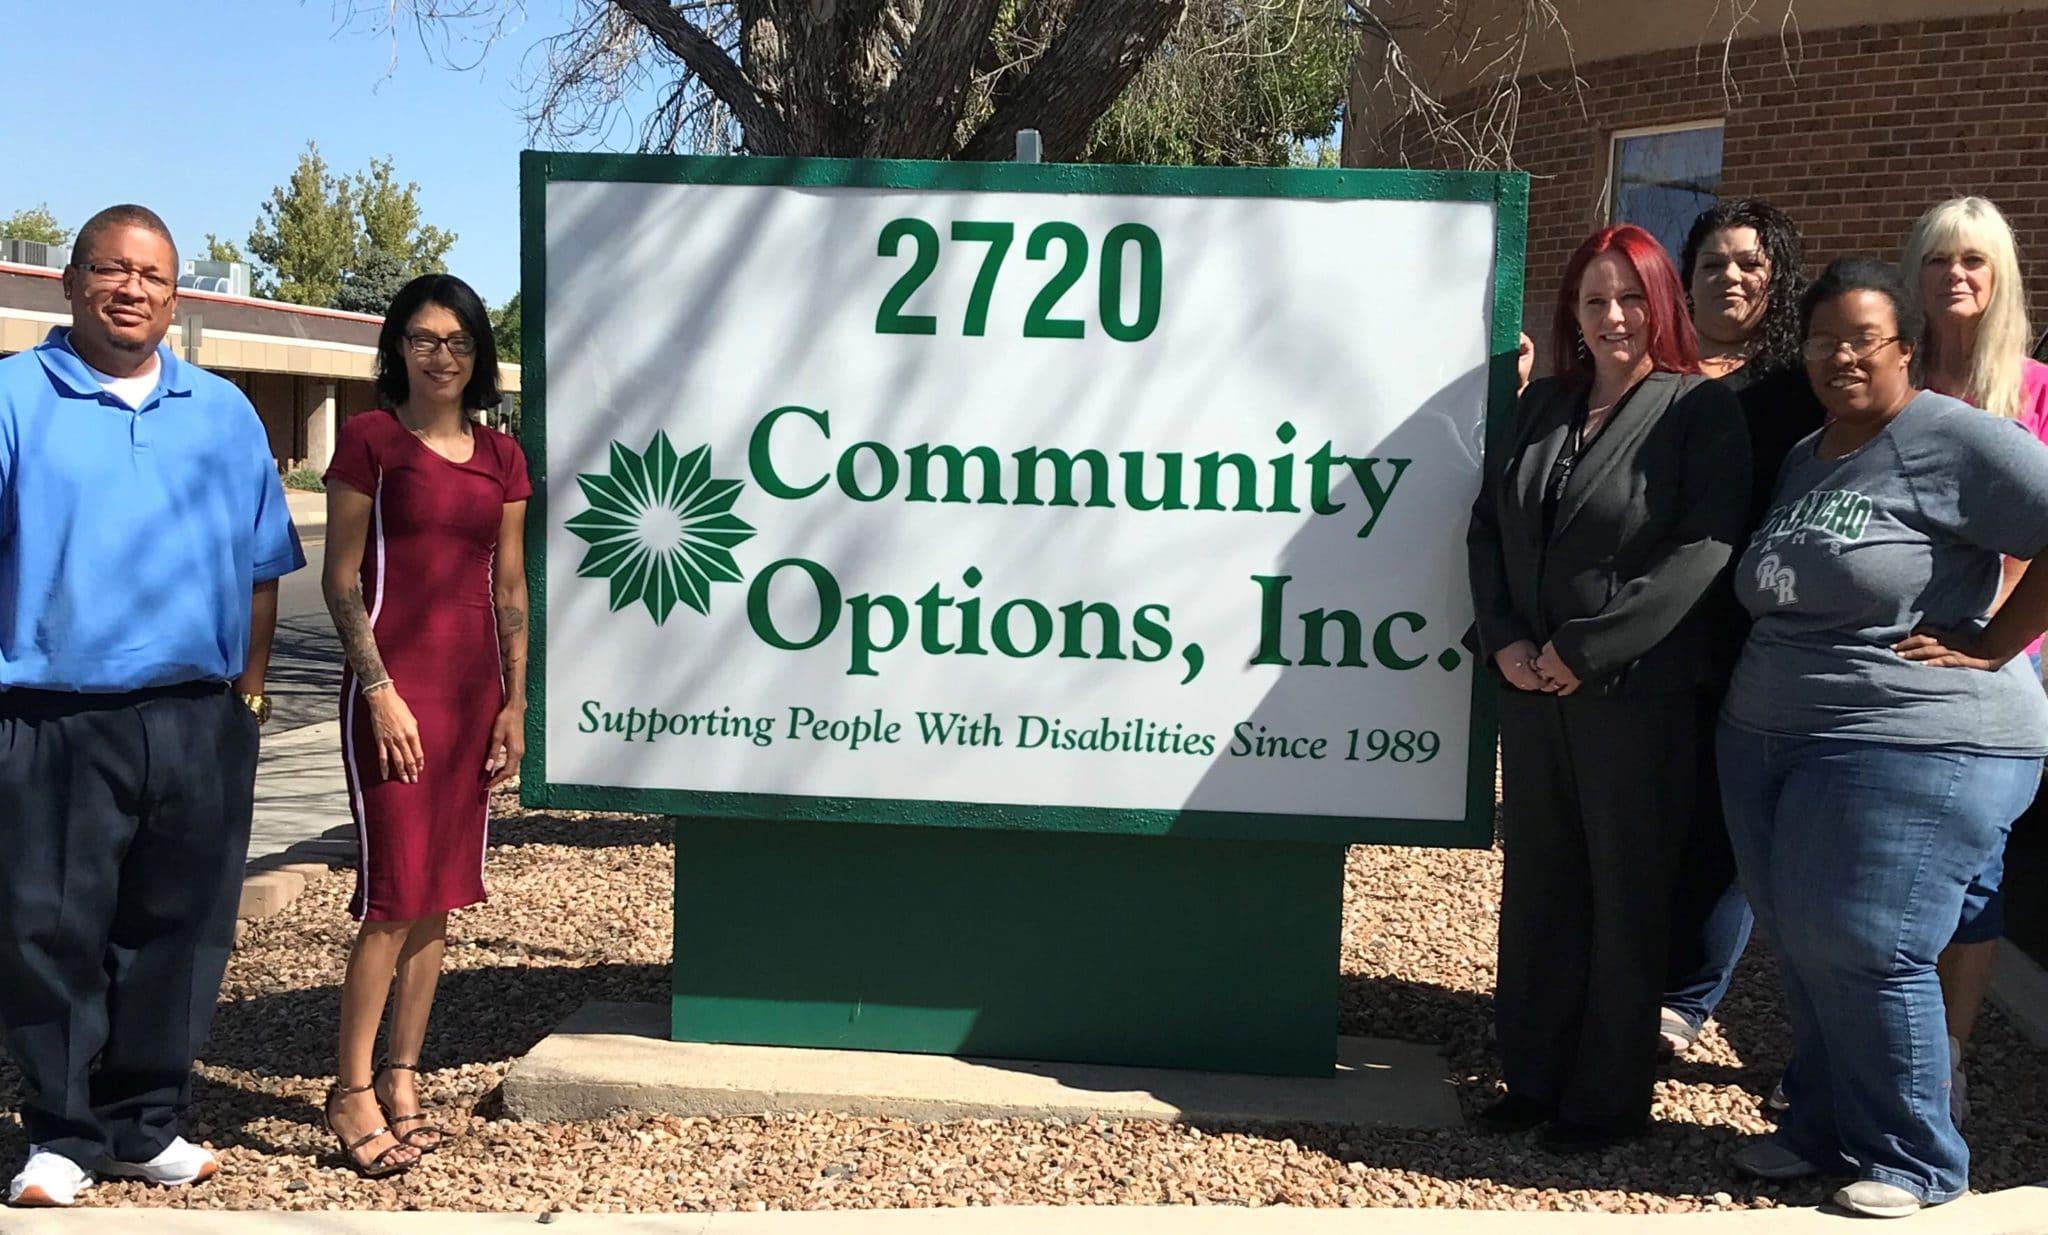 Community Options, Inc. of Albuquerque, NM.